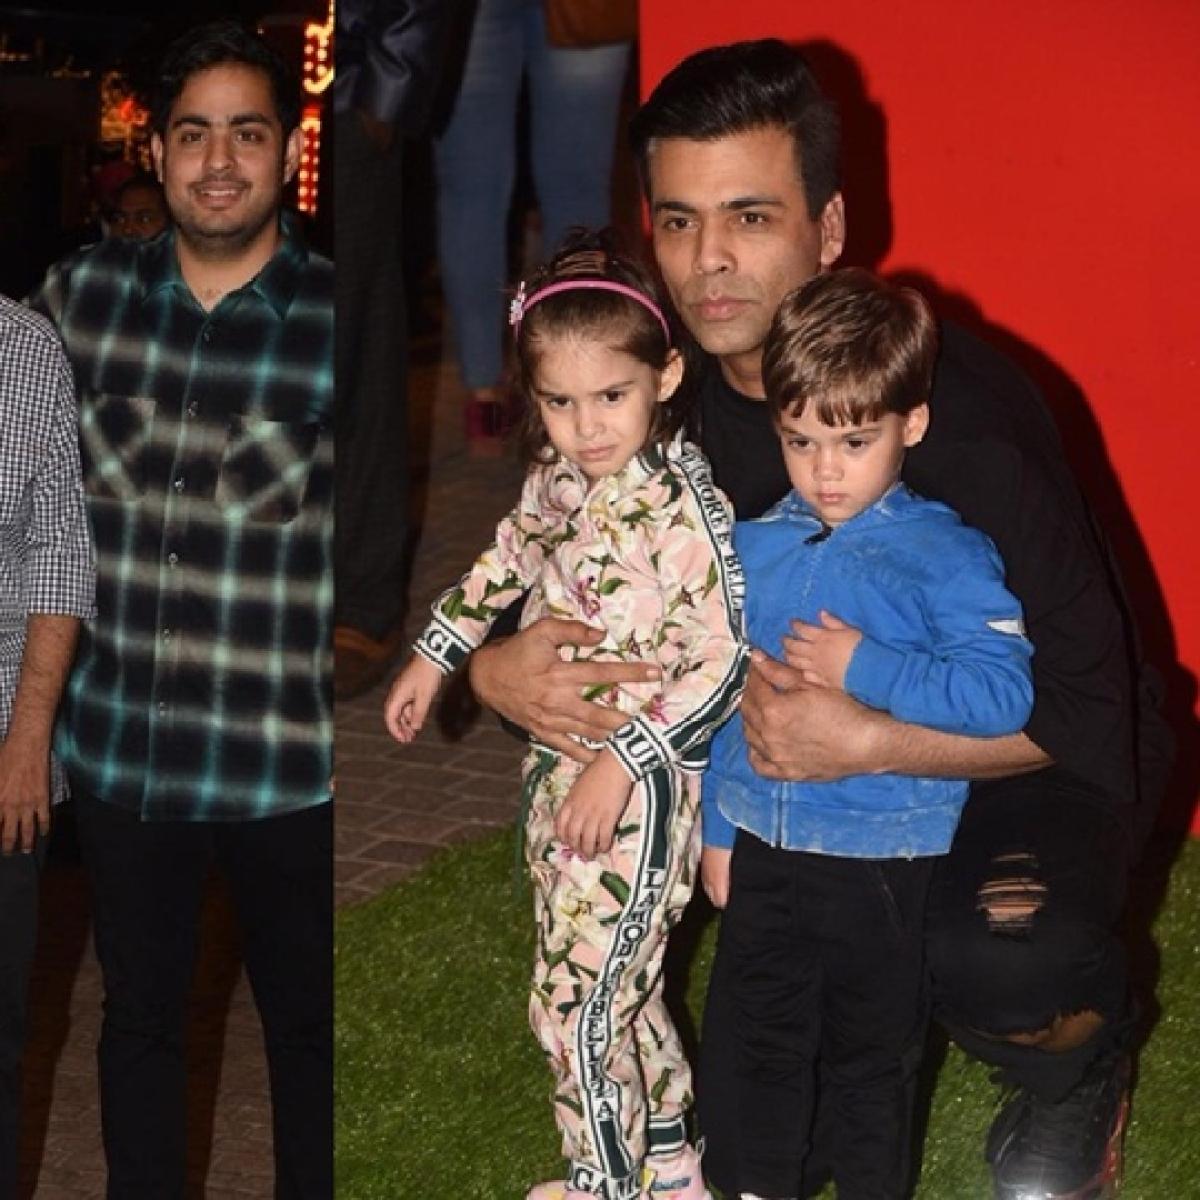 Shah Rukh Khan, Karan Johar arrive with their kids at Ambani's Jio Wonderland